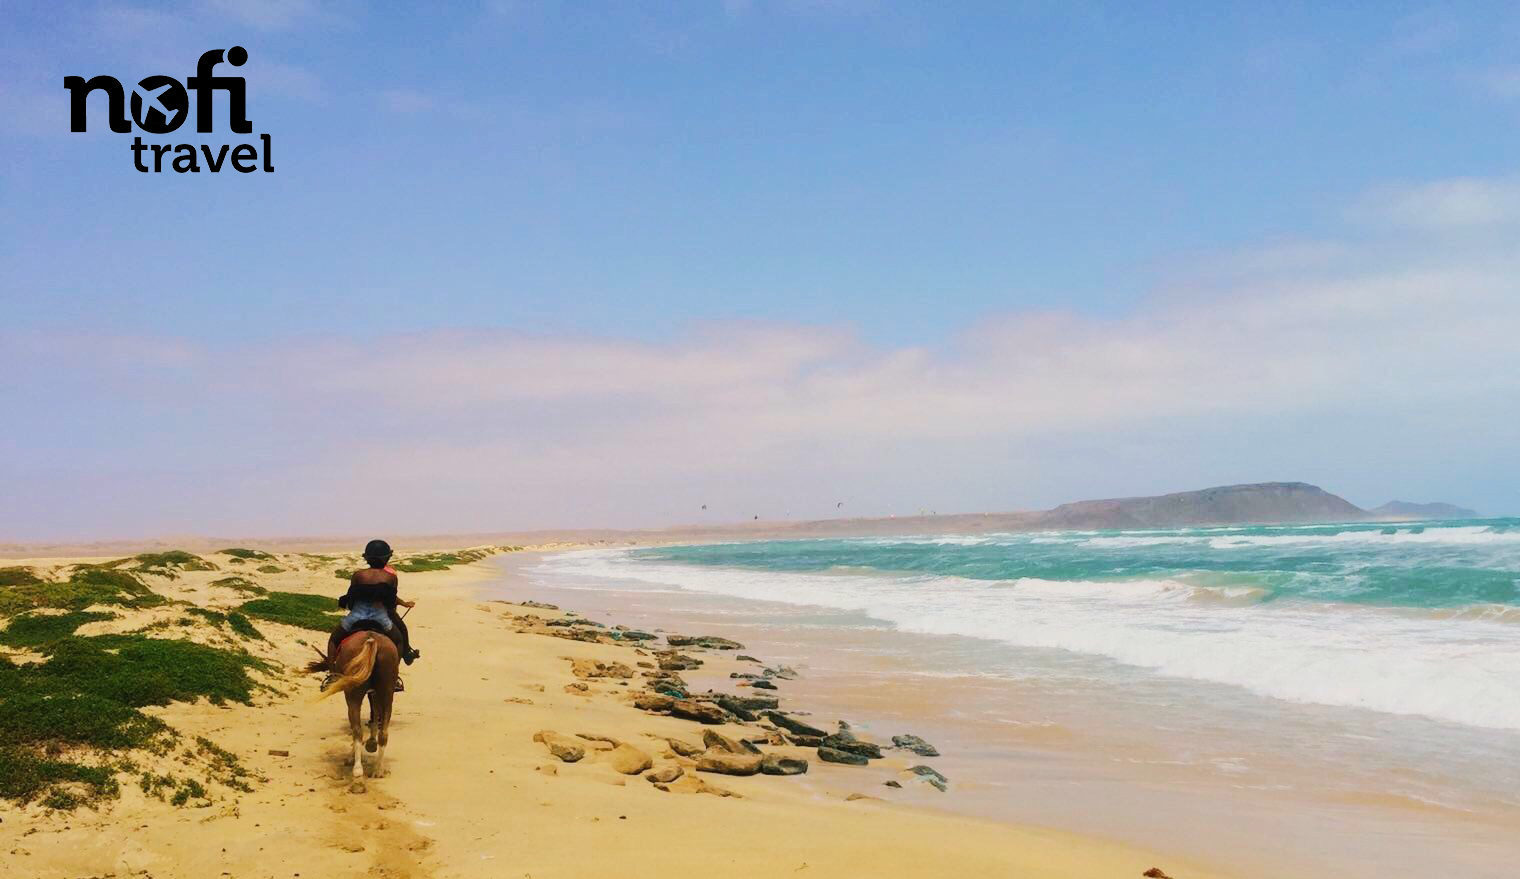 Nofi TRAVEL #2: l'incontournable archipel du Cap-Vert